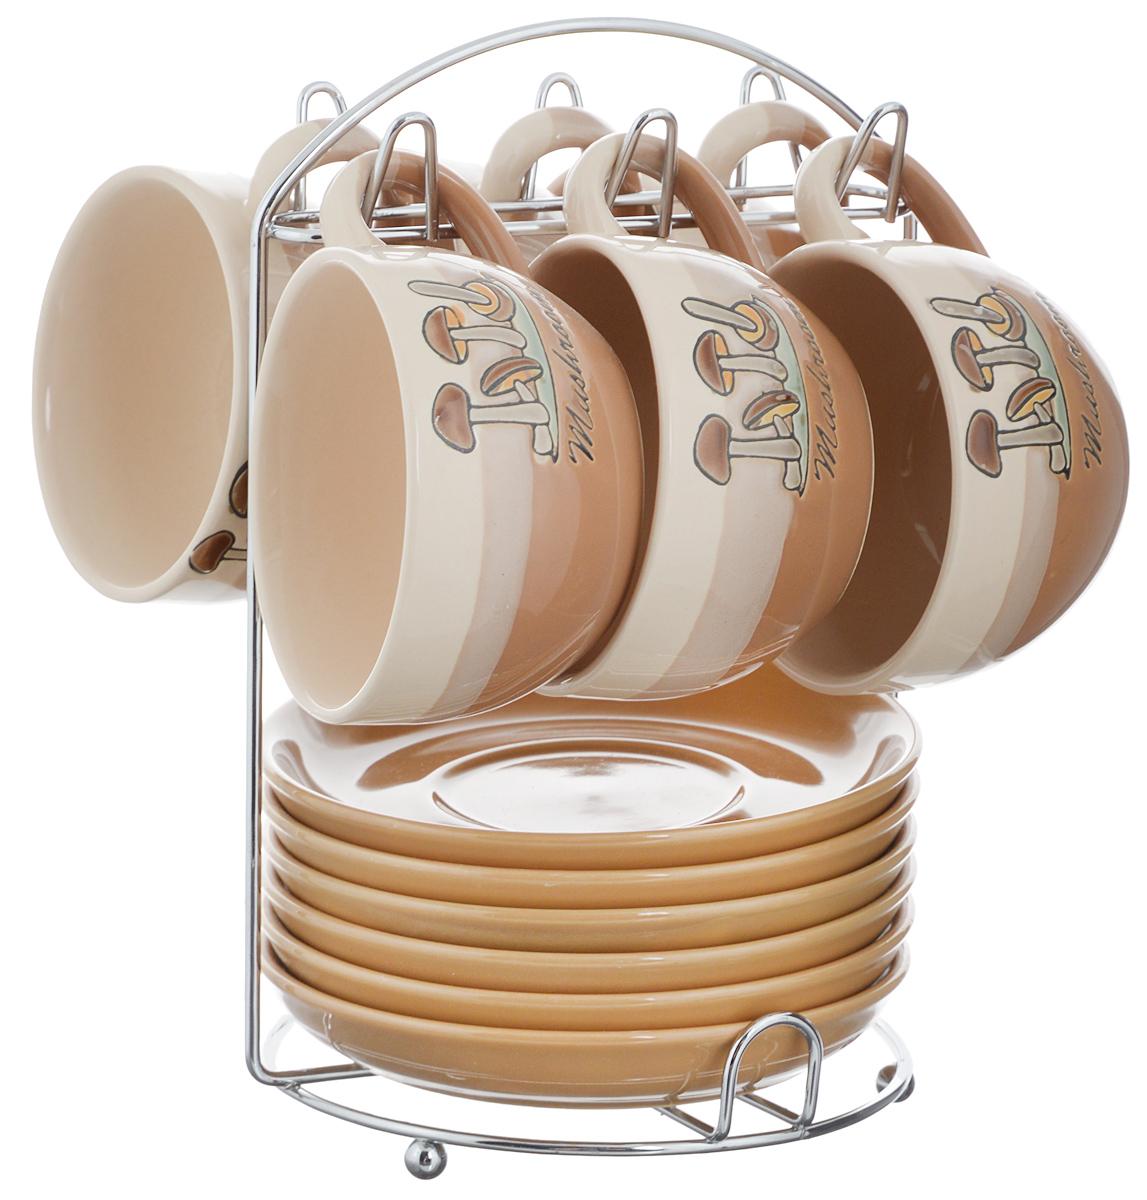 Набор чайный Calve. Грибы, на подставке, 13 предметовVT-1520(SR)Набор Calve. Грибы состоит из шести чашек и шести блюдец, изготовленных из высококачественного фарфора. Чашки оформлены ярким изображением грибов. Изделия расположены на металлической подставке. Такой набор подходит для подачи чая или кофе.Изящный дизайн придется по вкусу и ценителям классики, и тем, кто предпочитает утонченность и изысканность. Он настроит на позитивный лад и подарит хорошее настроение с самого утра. Чайный набор Calve. Грибы - идеальный и необходимый подарок для вашего дома и для ваших друзей в праздники.Можно мыть в посудомоечной машине. Объем чашки: 220 мл. Диаметр чашки (по верхнему краю): 9,5 см. Высота чашки: 6,3 см. Диаметр блюдца: 14,5 см. Высота блюдца: 2,3 см.Размер подставки: 16,5 х 16 х 22,5 см.